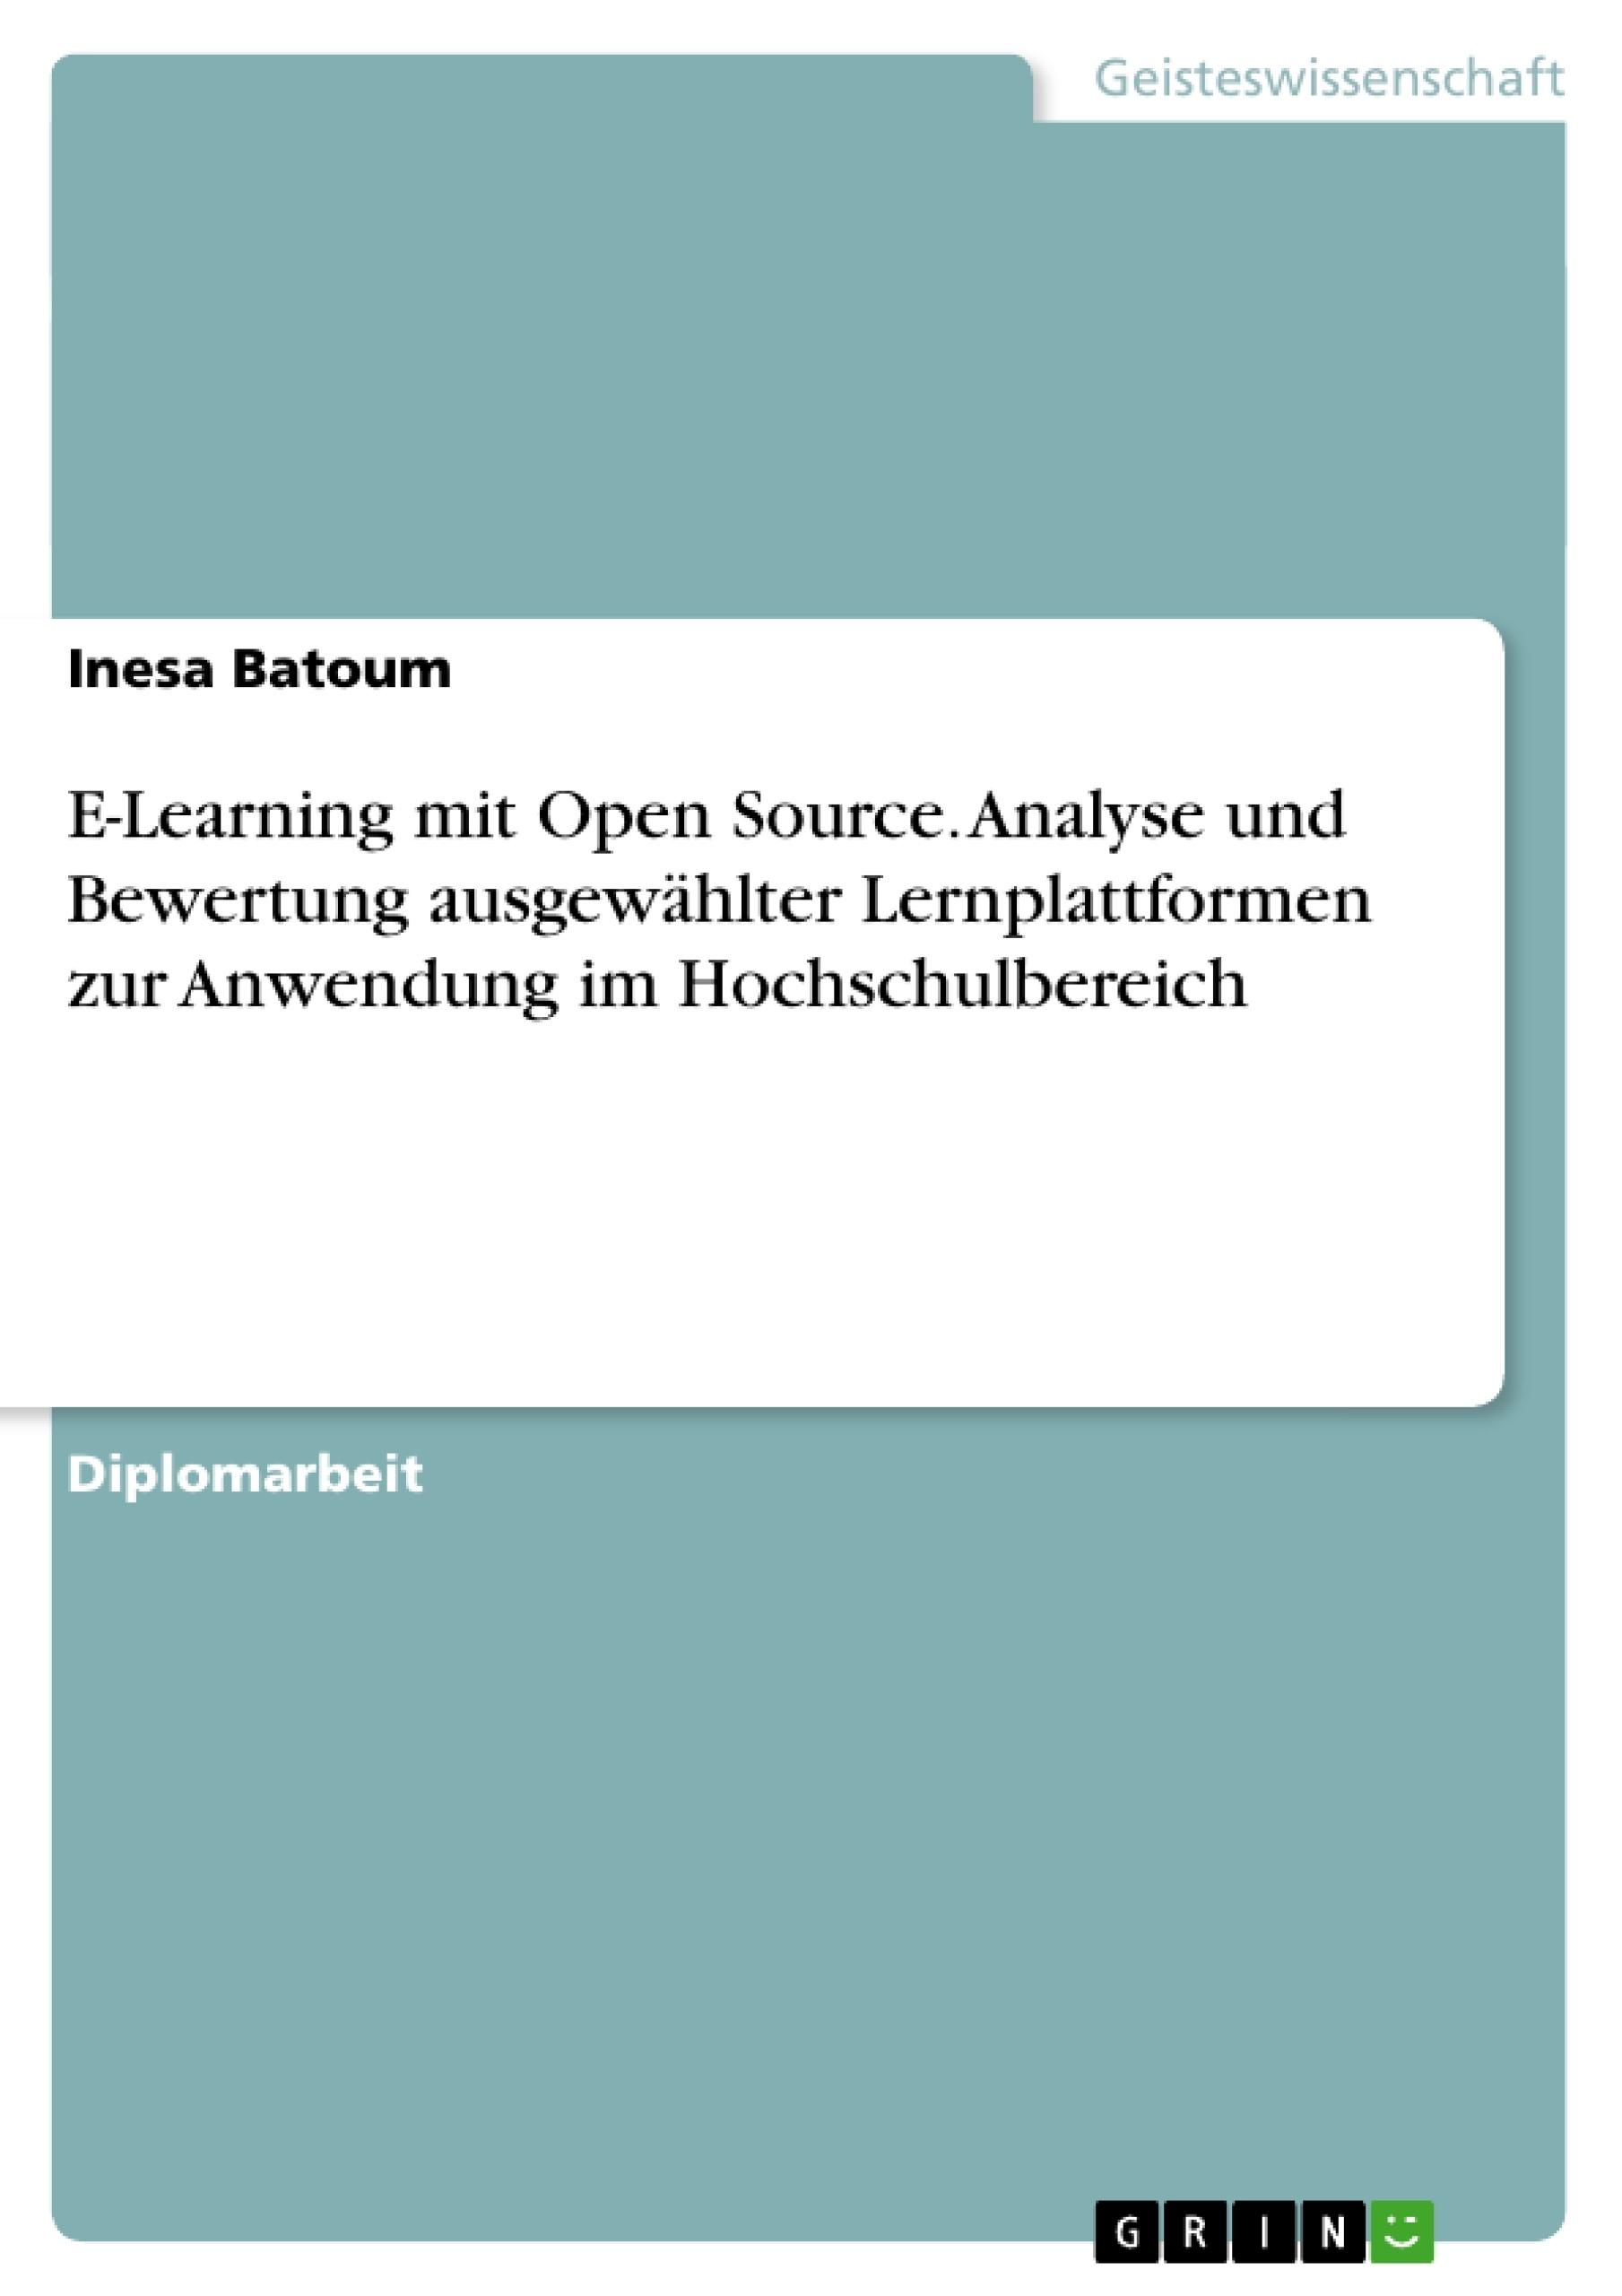 Titel: E-Learning mit Open Source. Analyse und Bewertung ausgewählter Lernplattformen zur Anwendung im Hochschulbereich